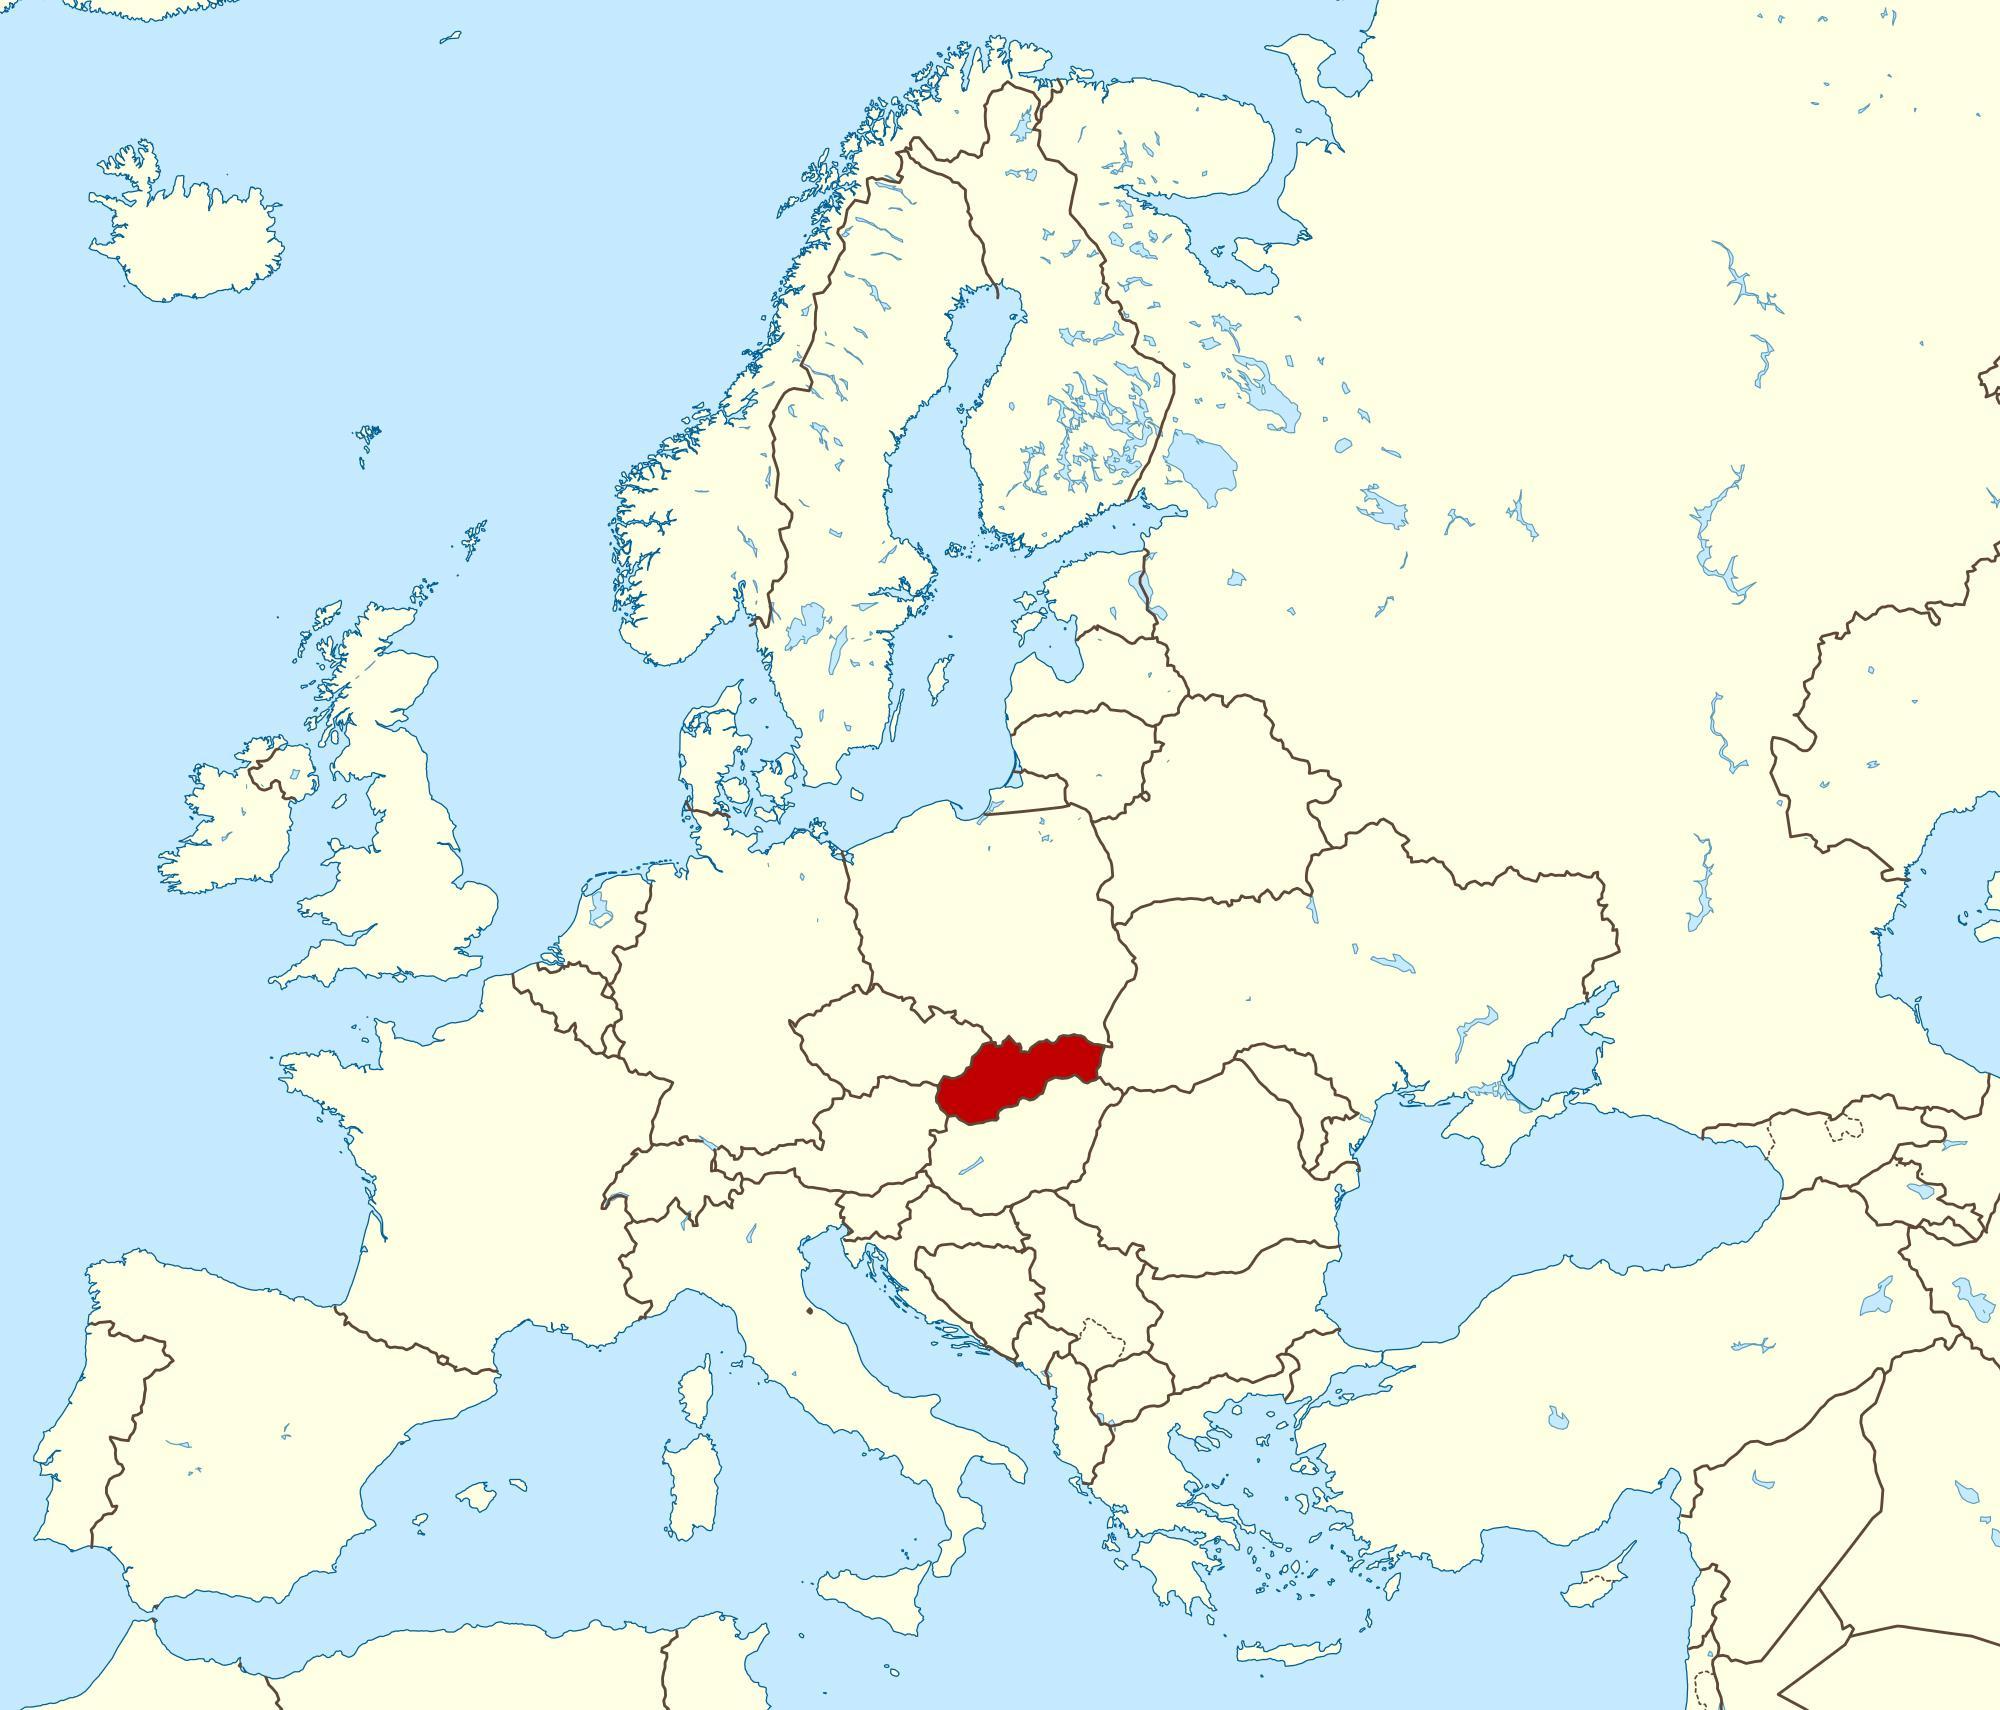 Slowacja Mapa Europy Mapa Slowacji Mapa Europy Europa